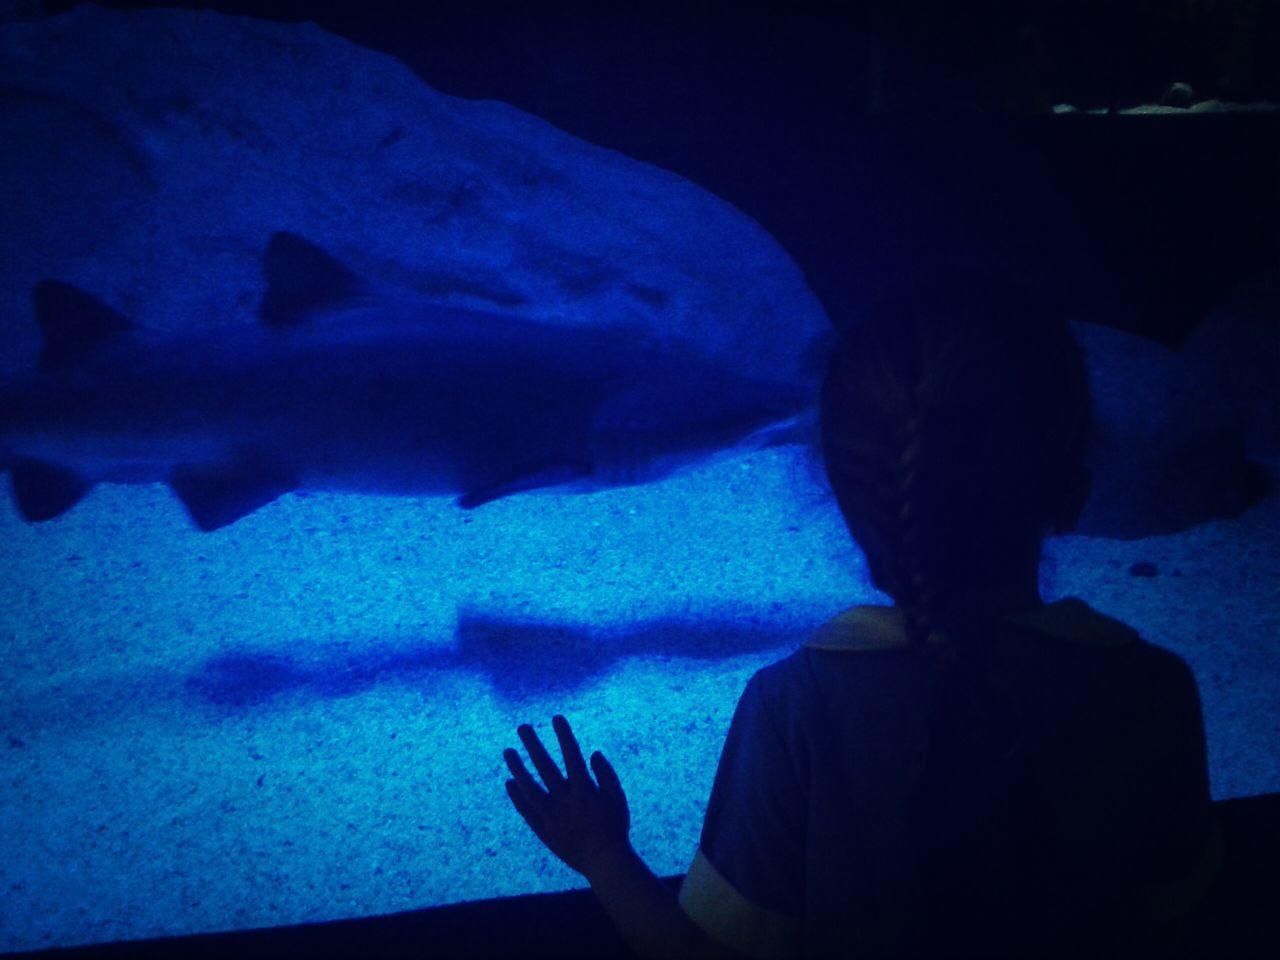 Aquarium Shark Blue Ocean V & A Waterfront